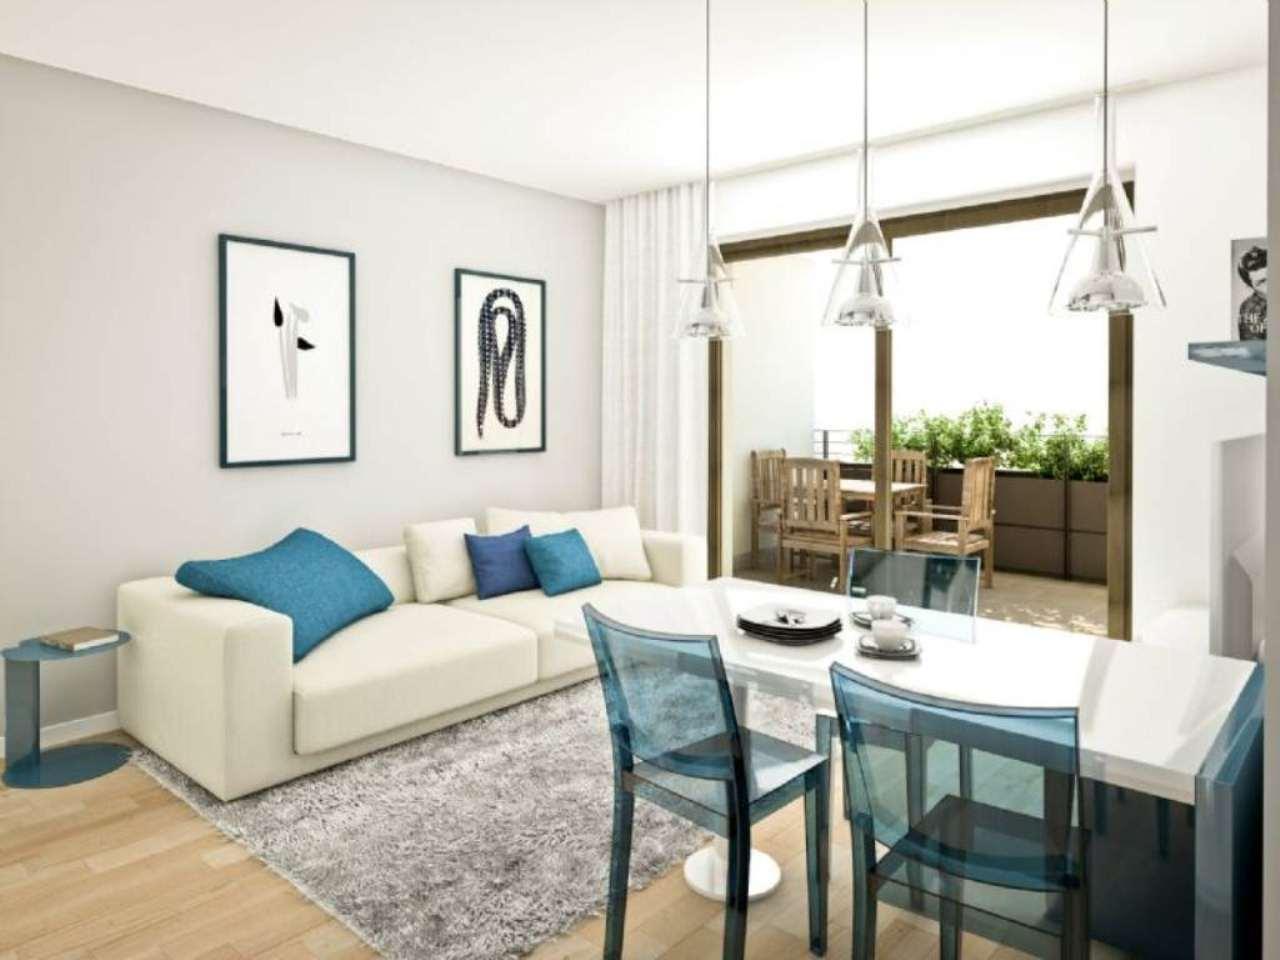 Appartamento in vendita a Solaro, 2 locali, prezzo € 163.000 | PortaleAgenzieImmobiliari.it